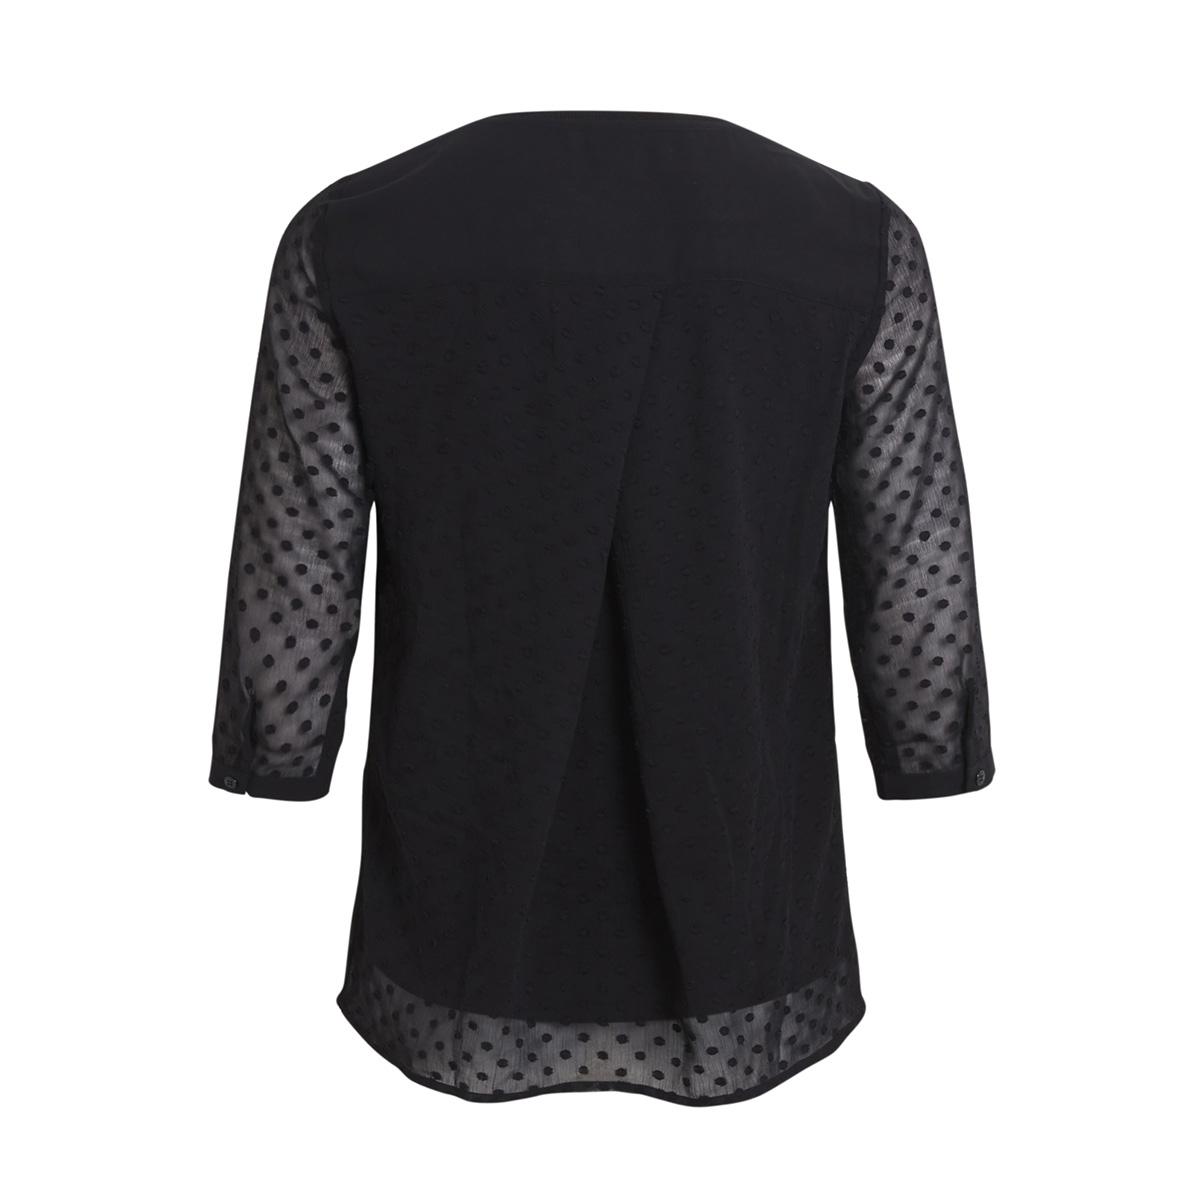 objclaire 3/4 top au a 23026375 object blouse black